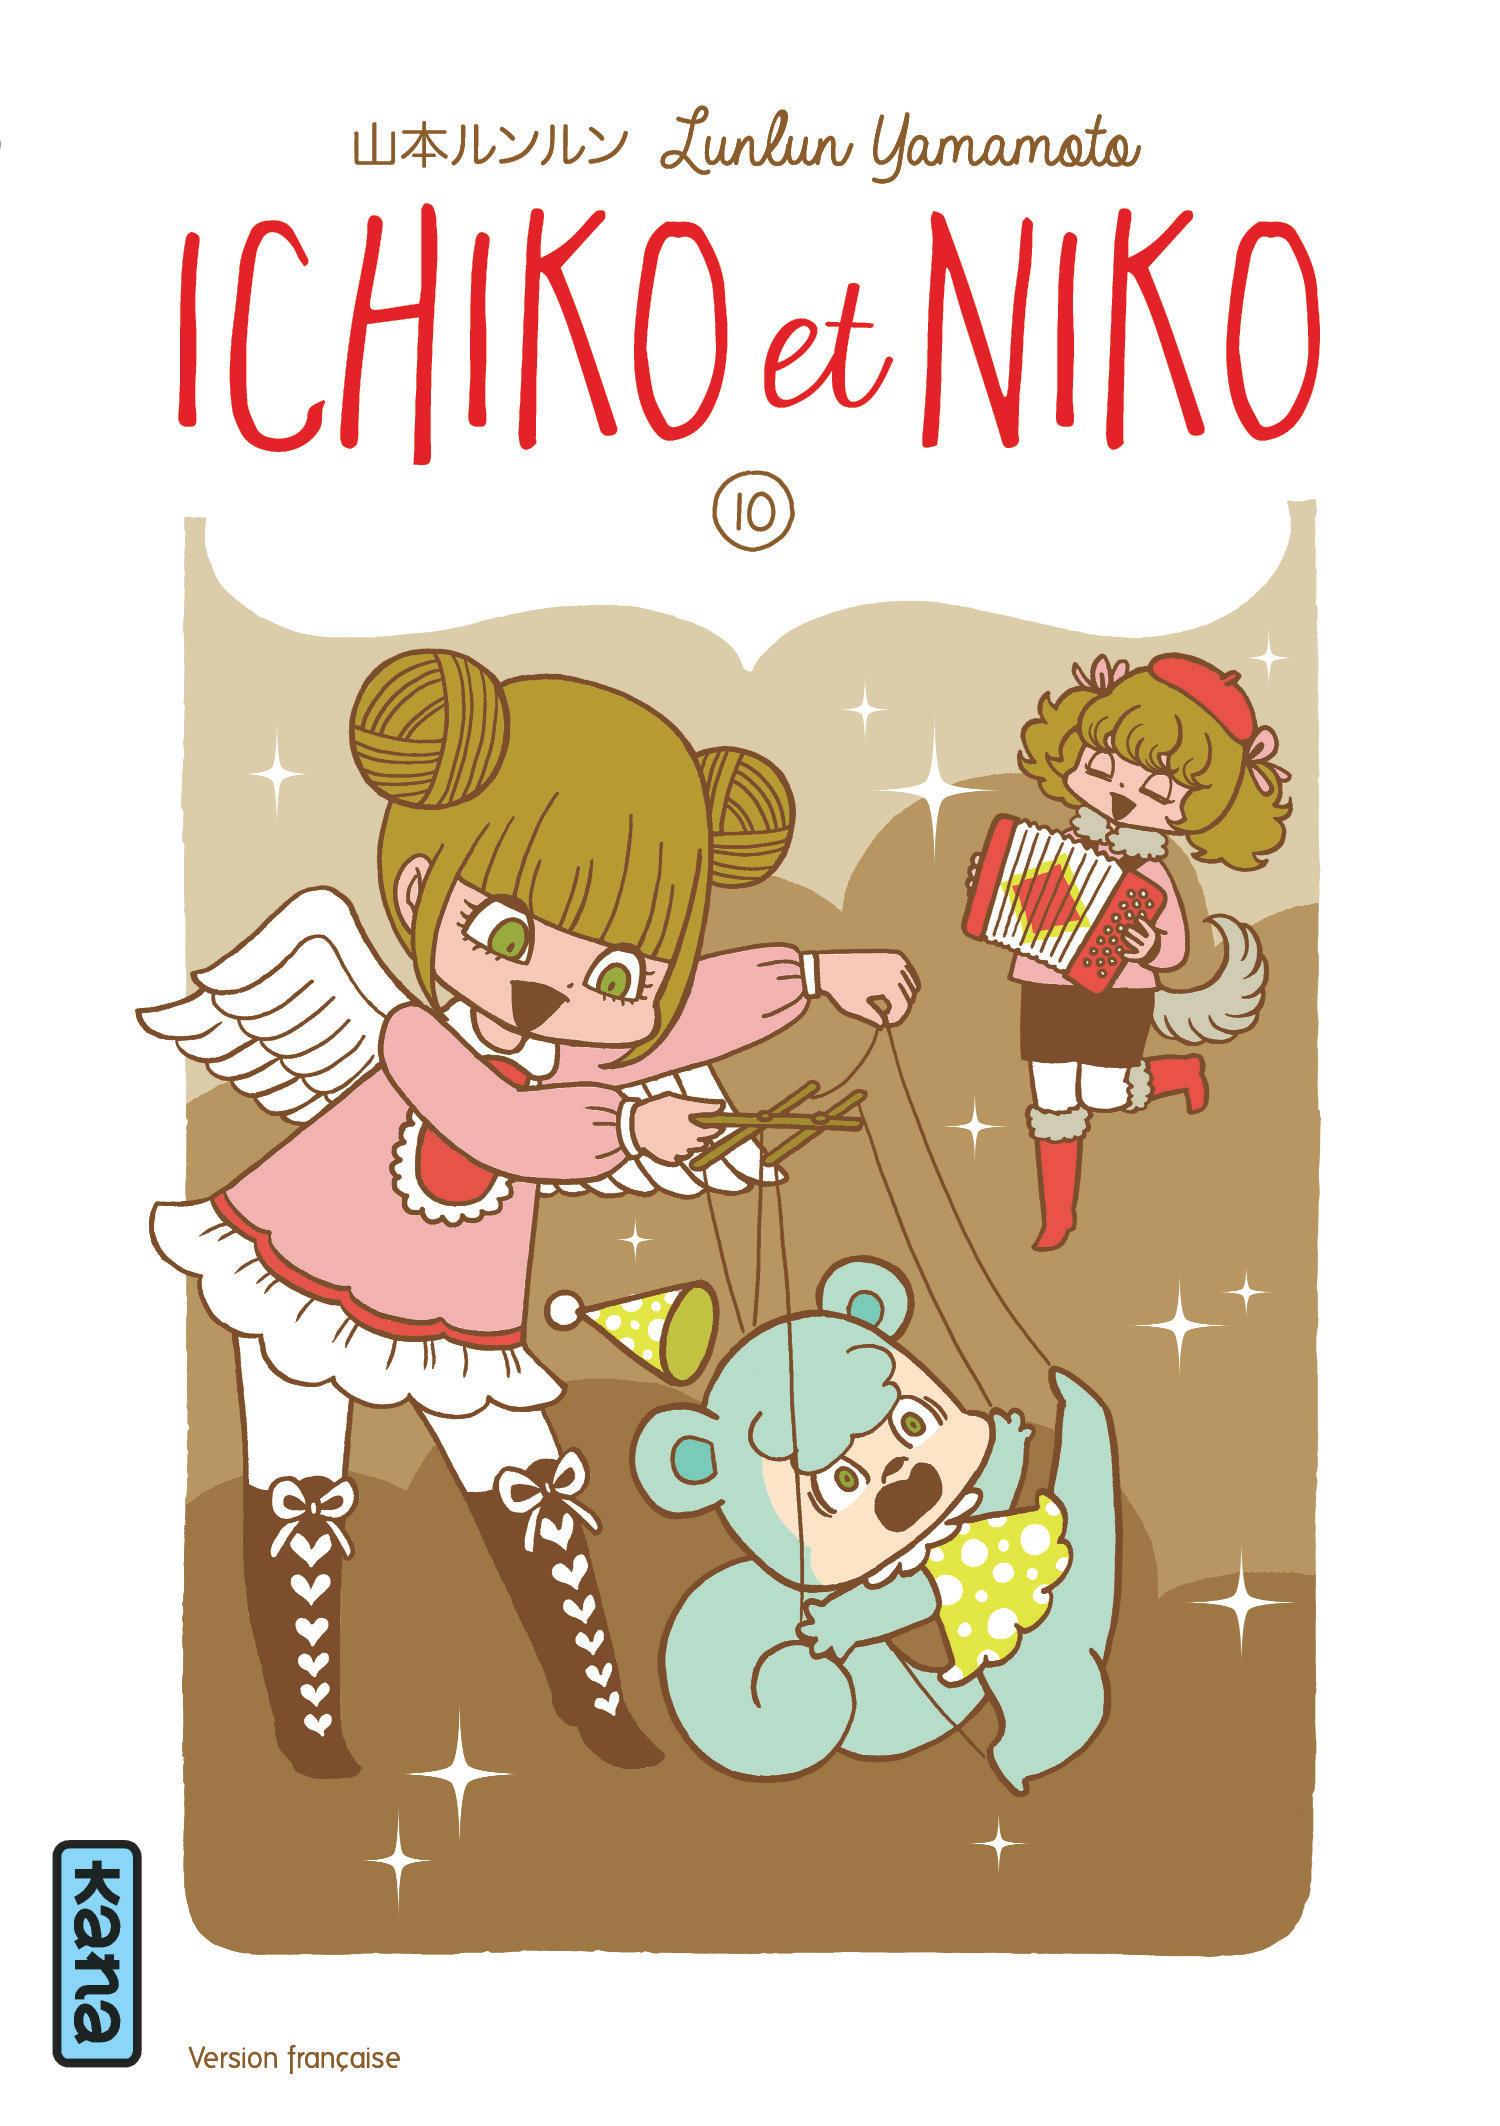 Ichiko et Niko 10